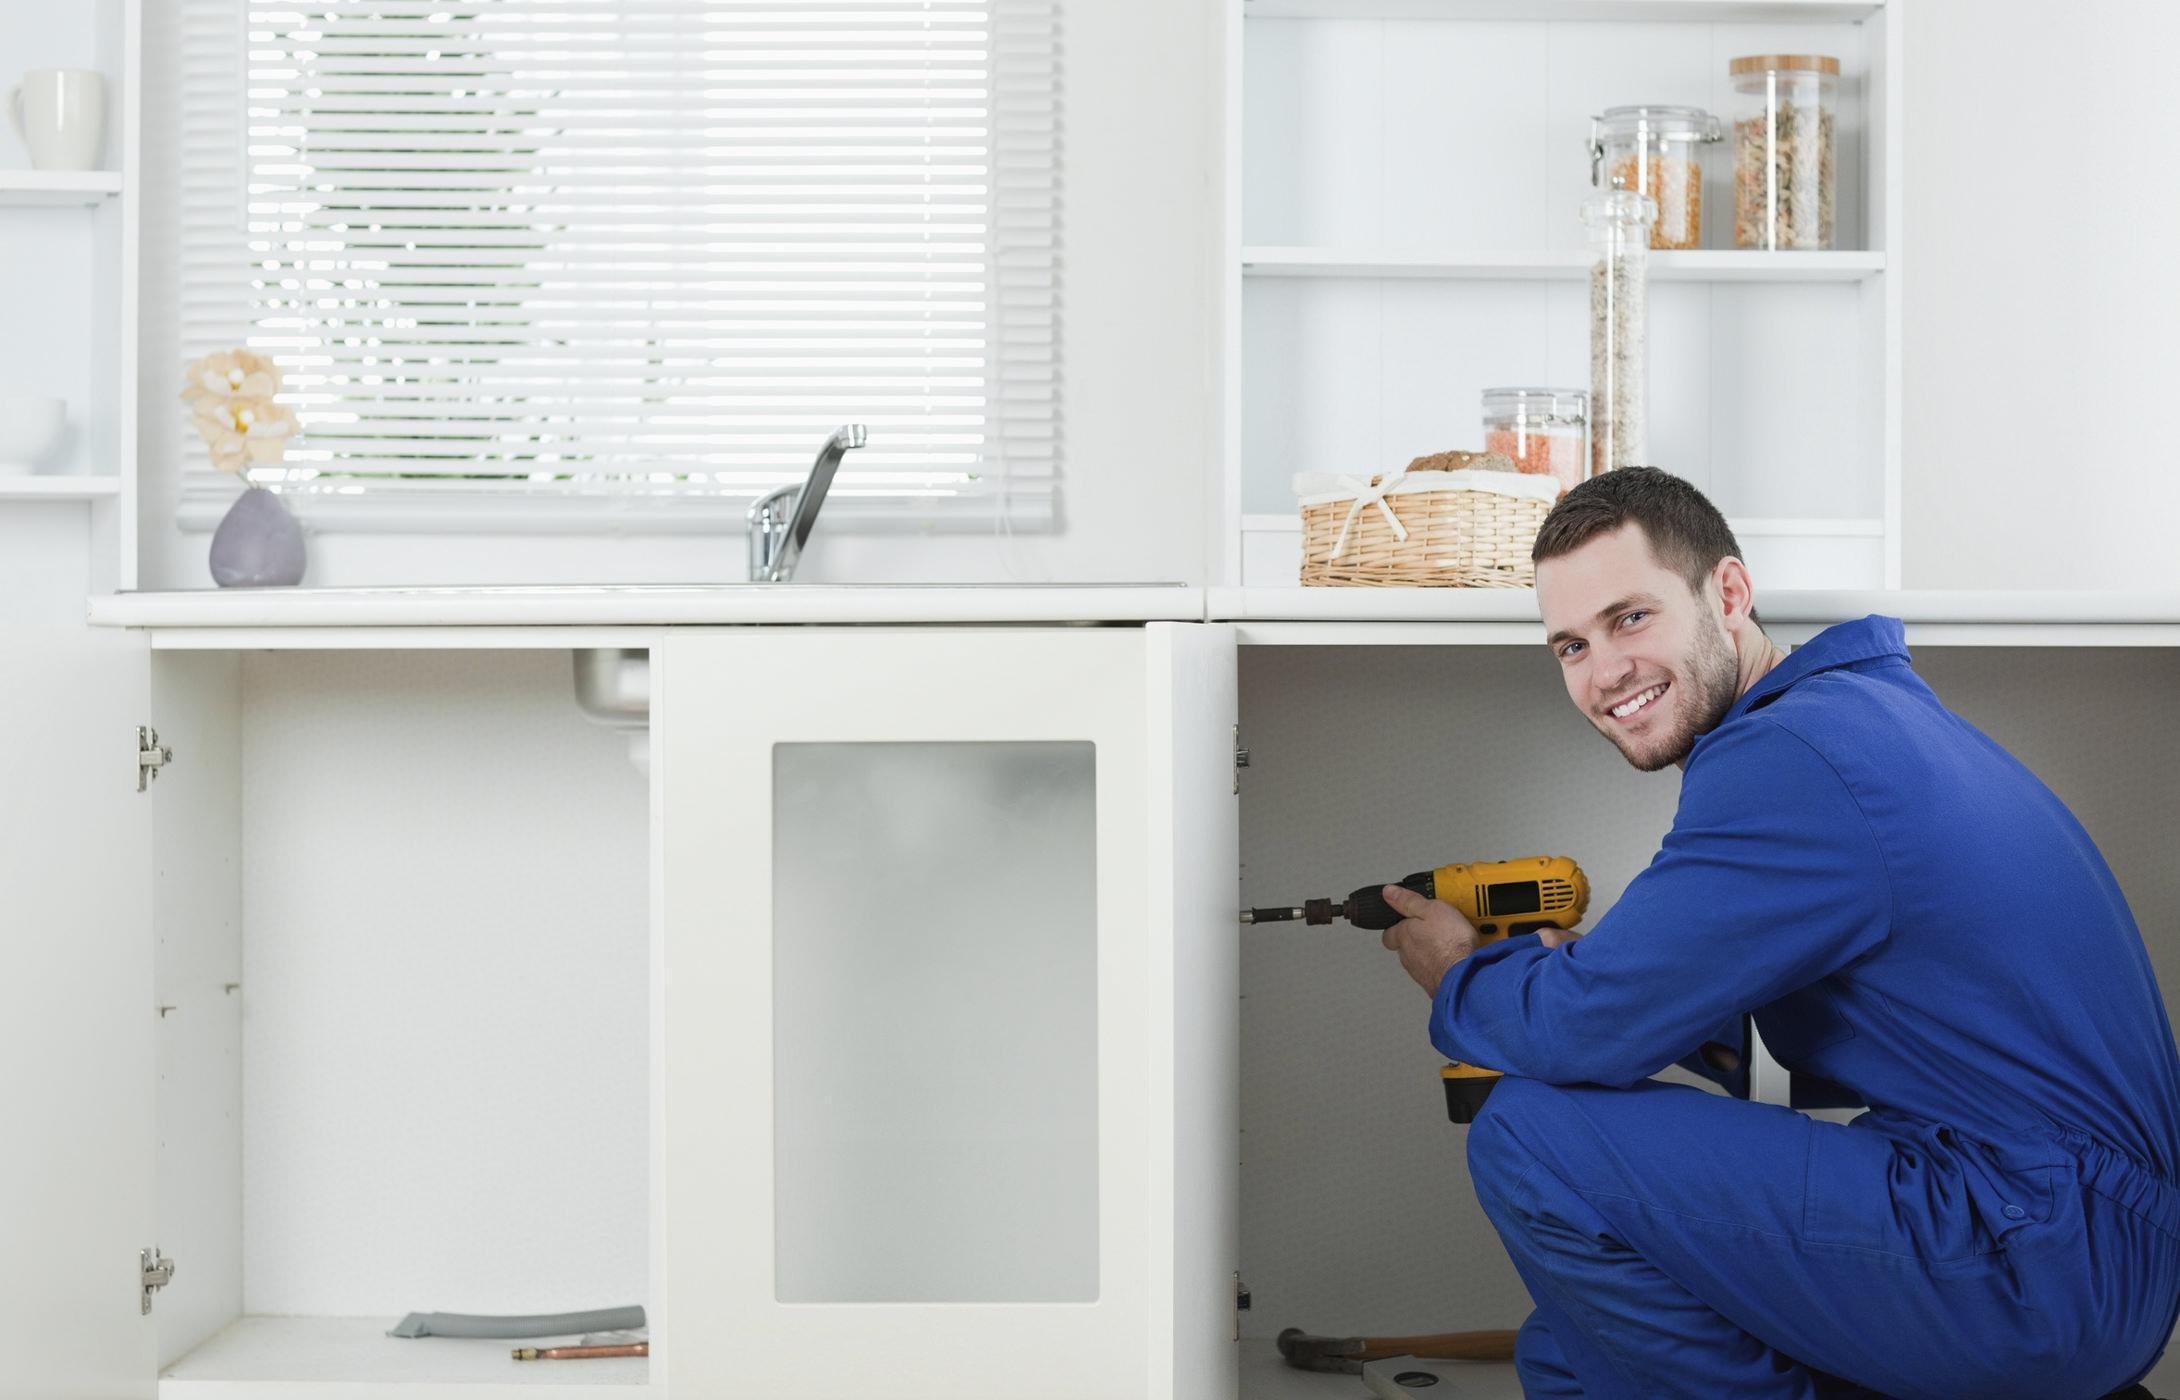 Ausbildung zur Fachkraft Möbel-, Küchen- und Umzugsservice